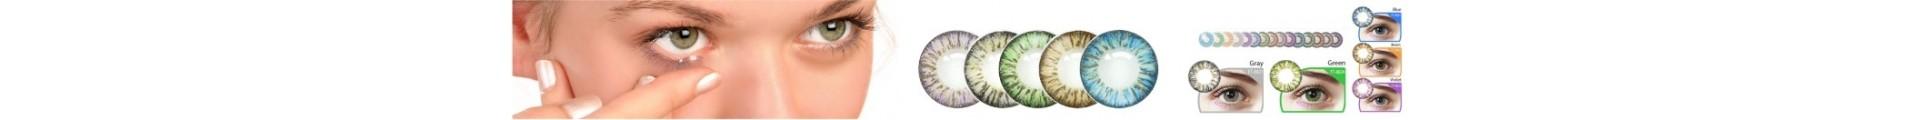 Lentes de Contacto Cosméticos en colores